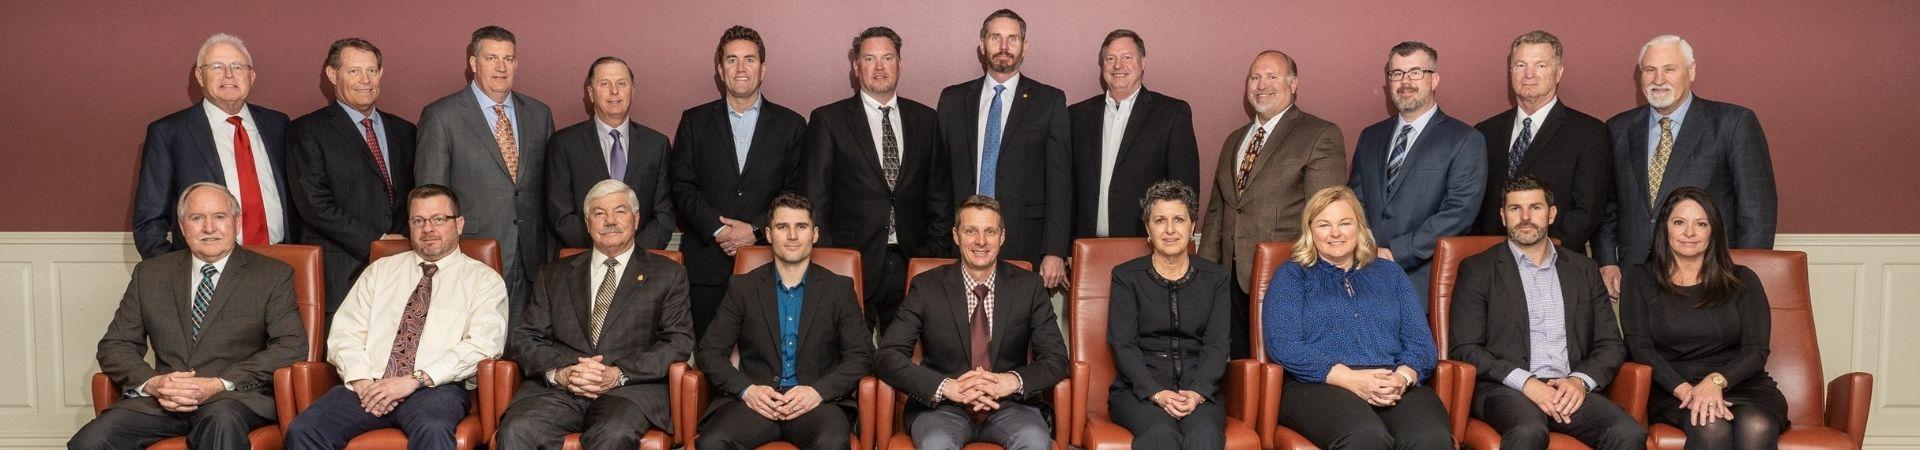 Colorado Auto Dealers Association B.O.D.